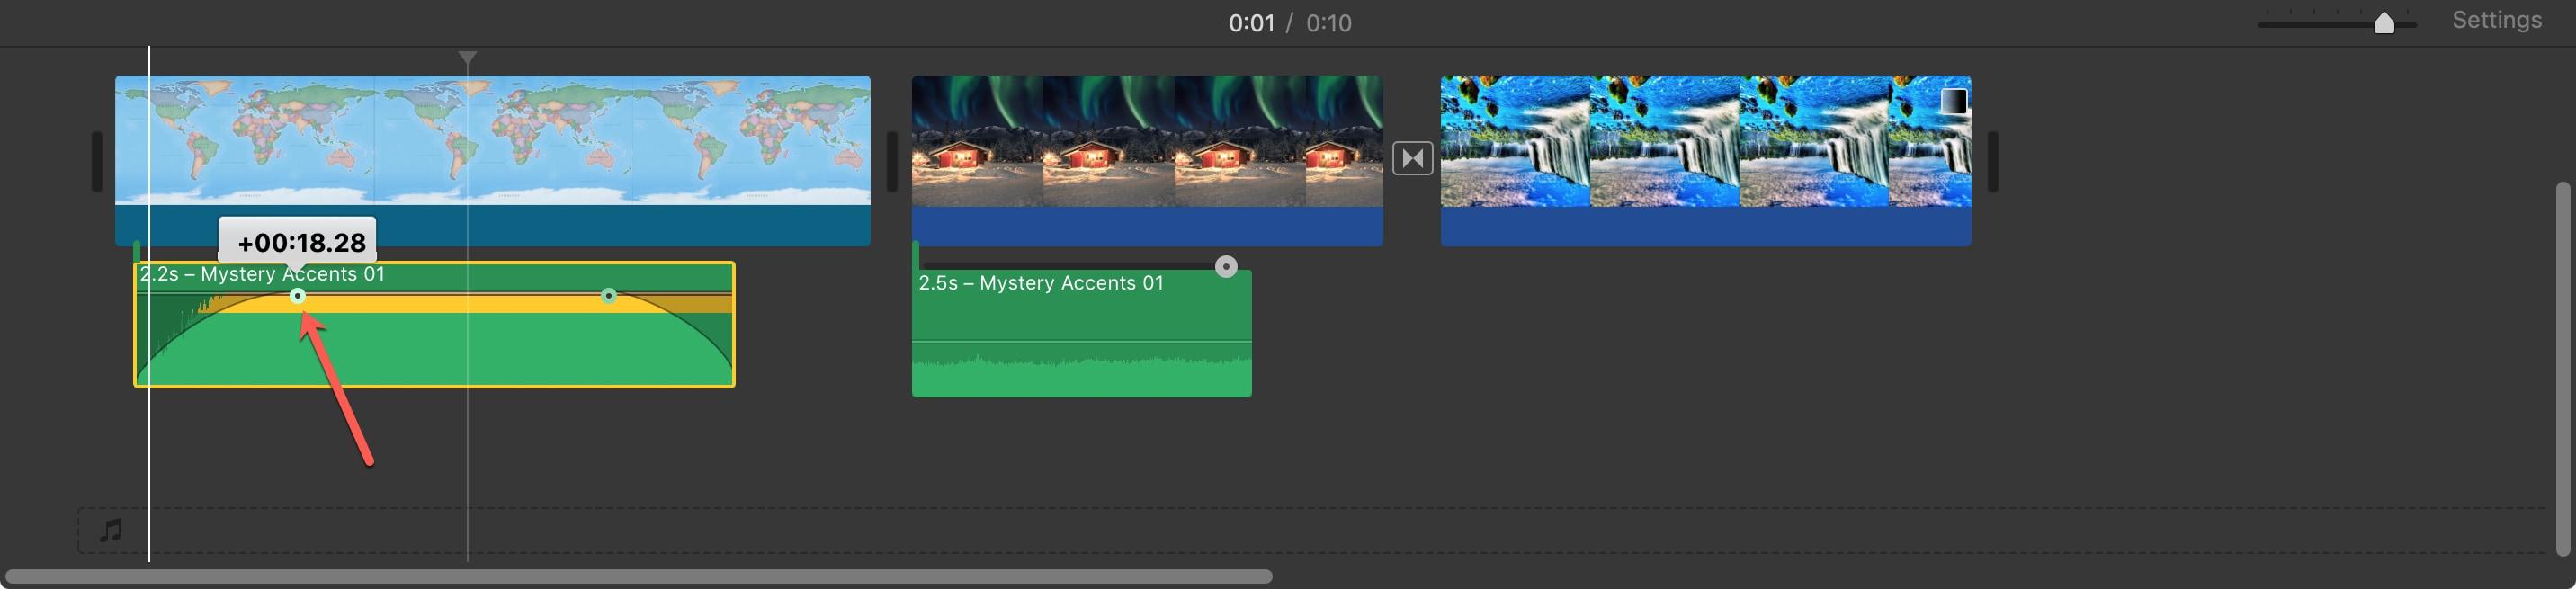 Add Fade Audio Clip iMovie Mac